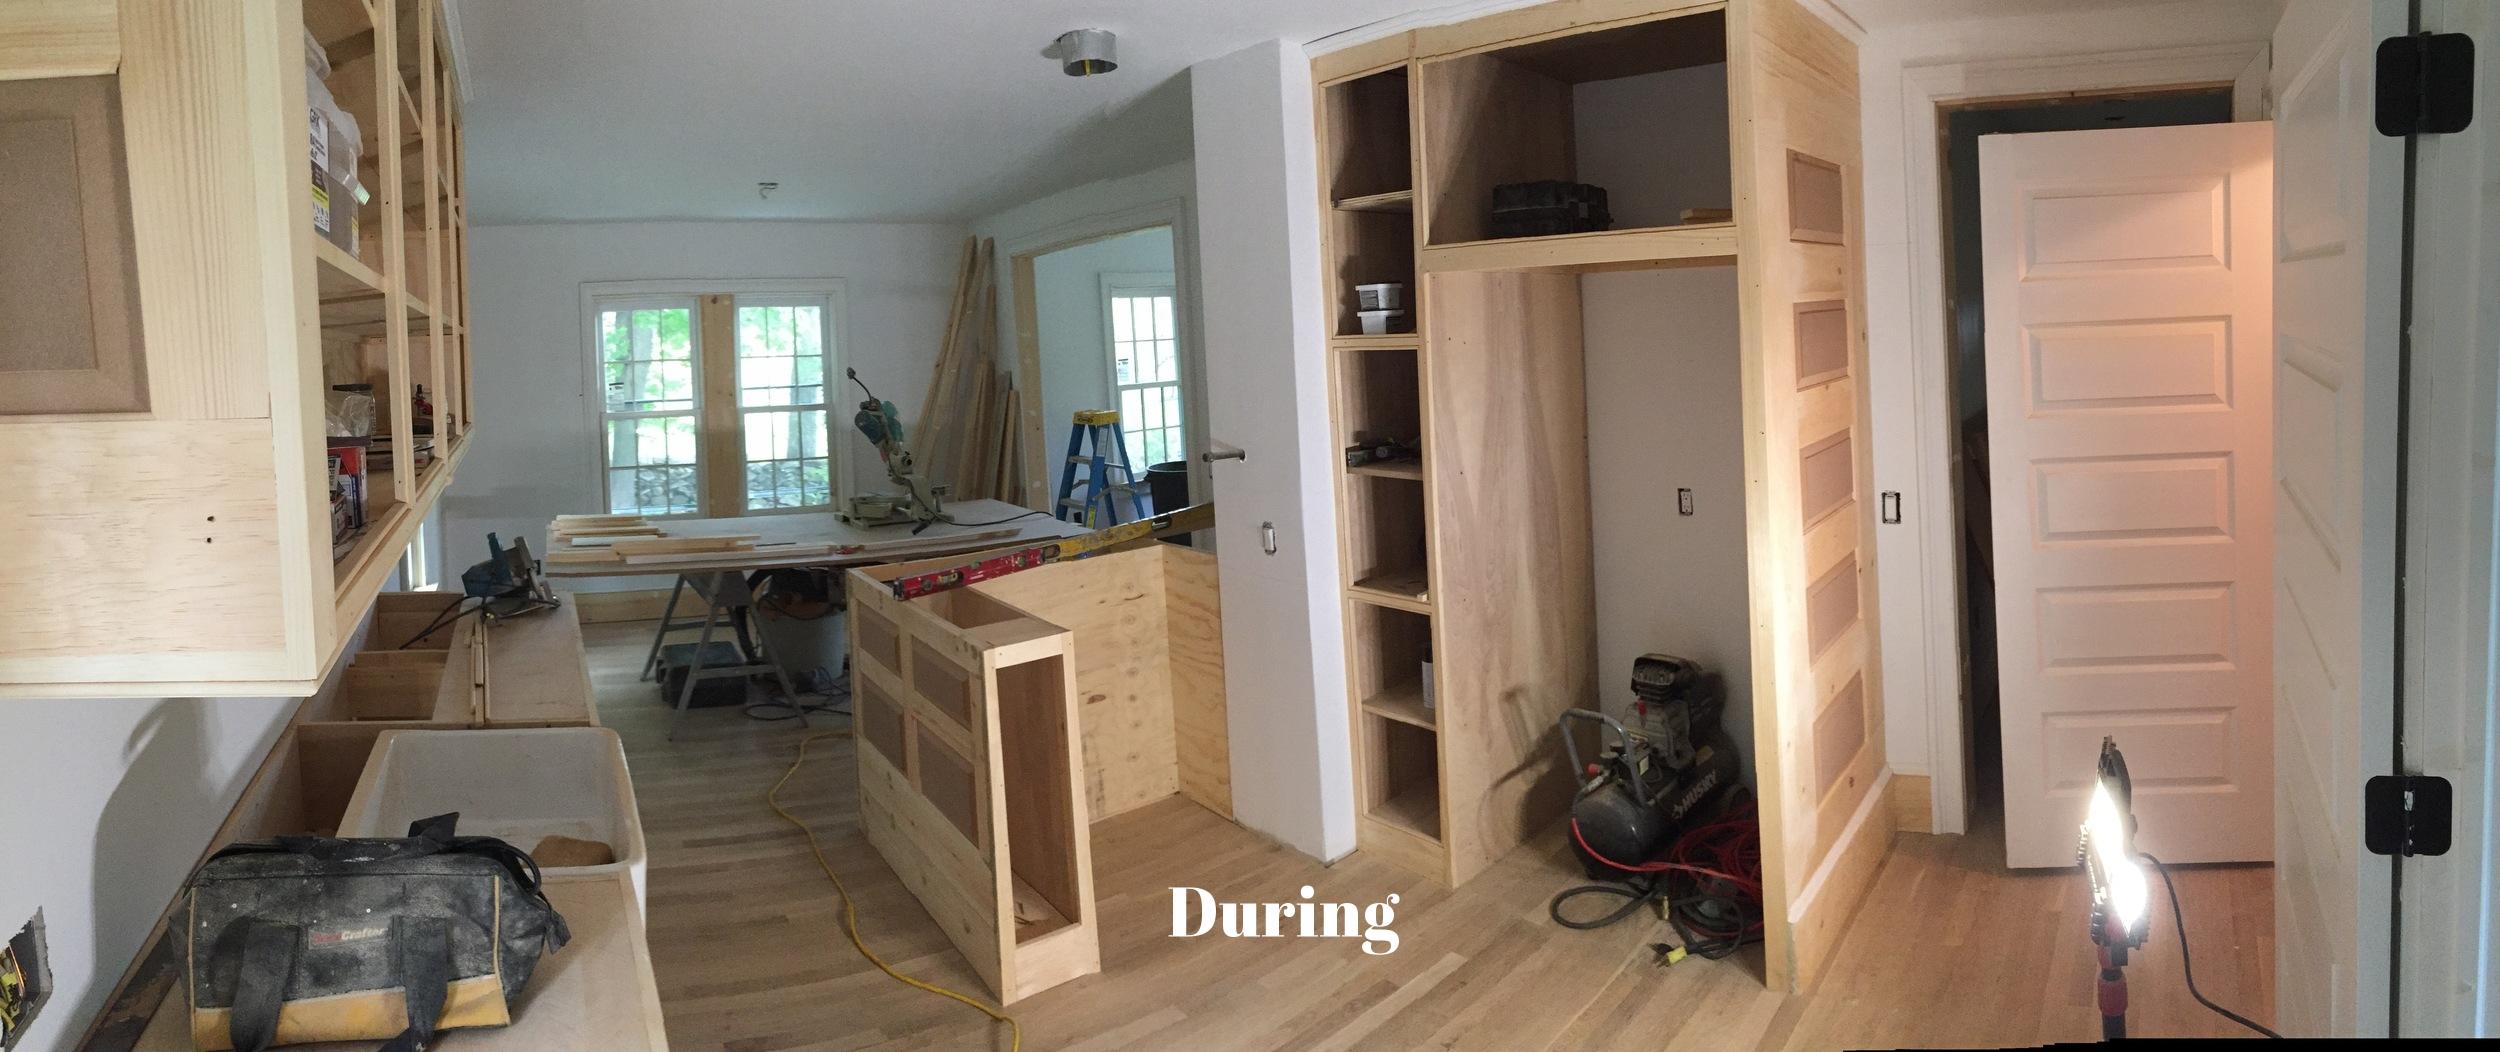 Kitchen During 26.jpg